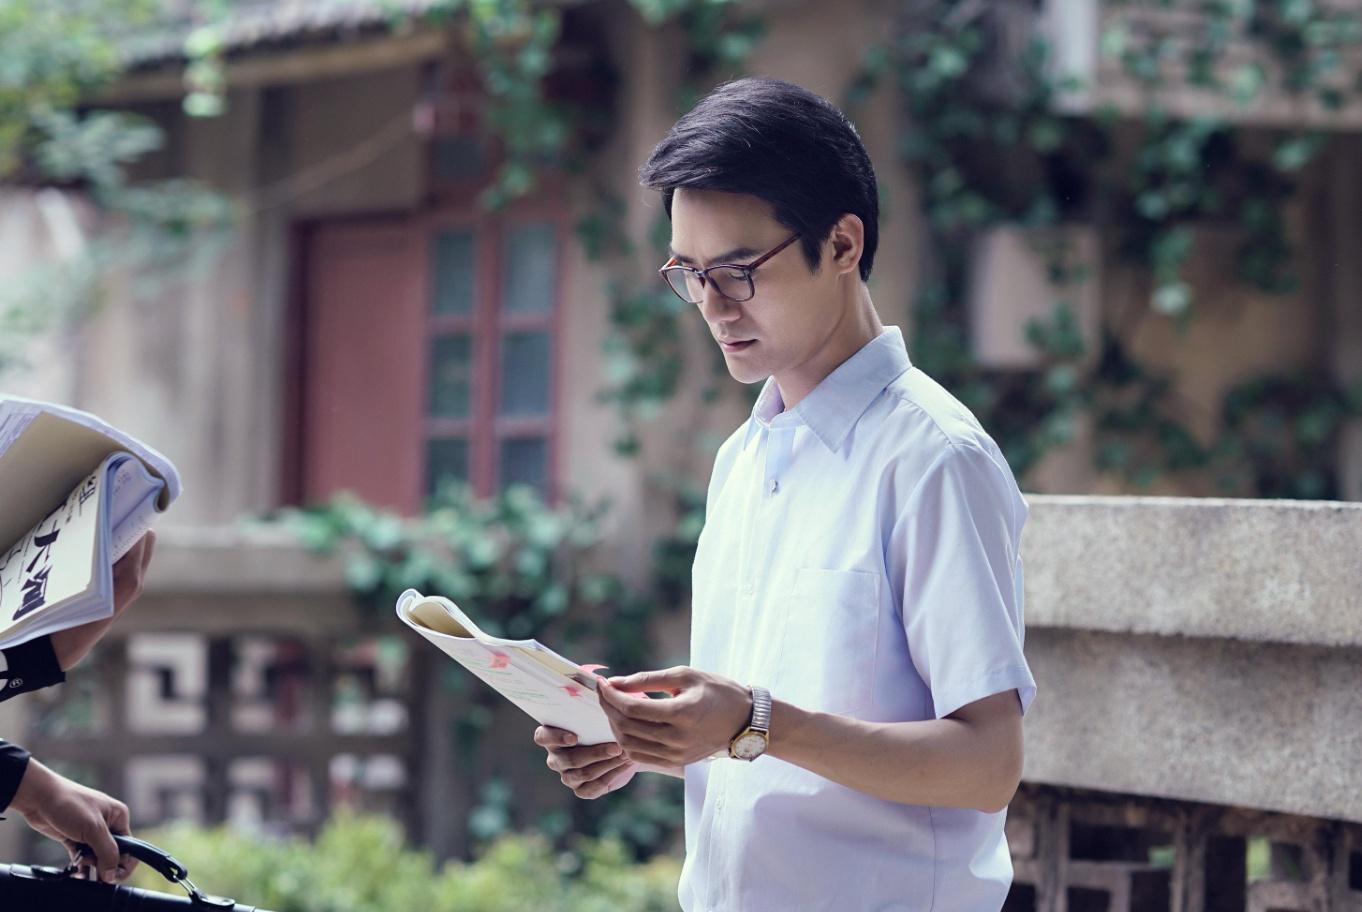 年度电视剧男星影响力:王凯第5,黄子韬第4,第1有望成国民鲜肉